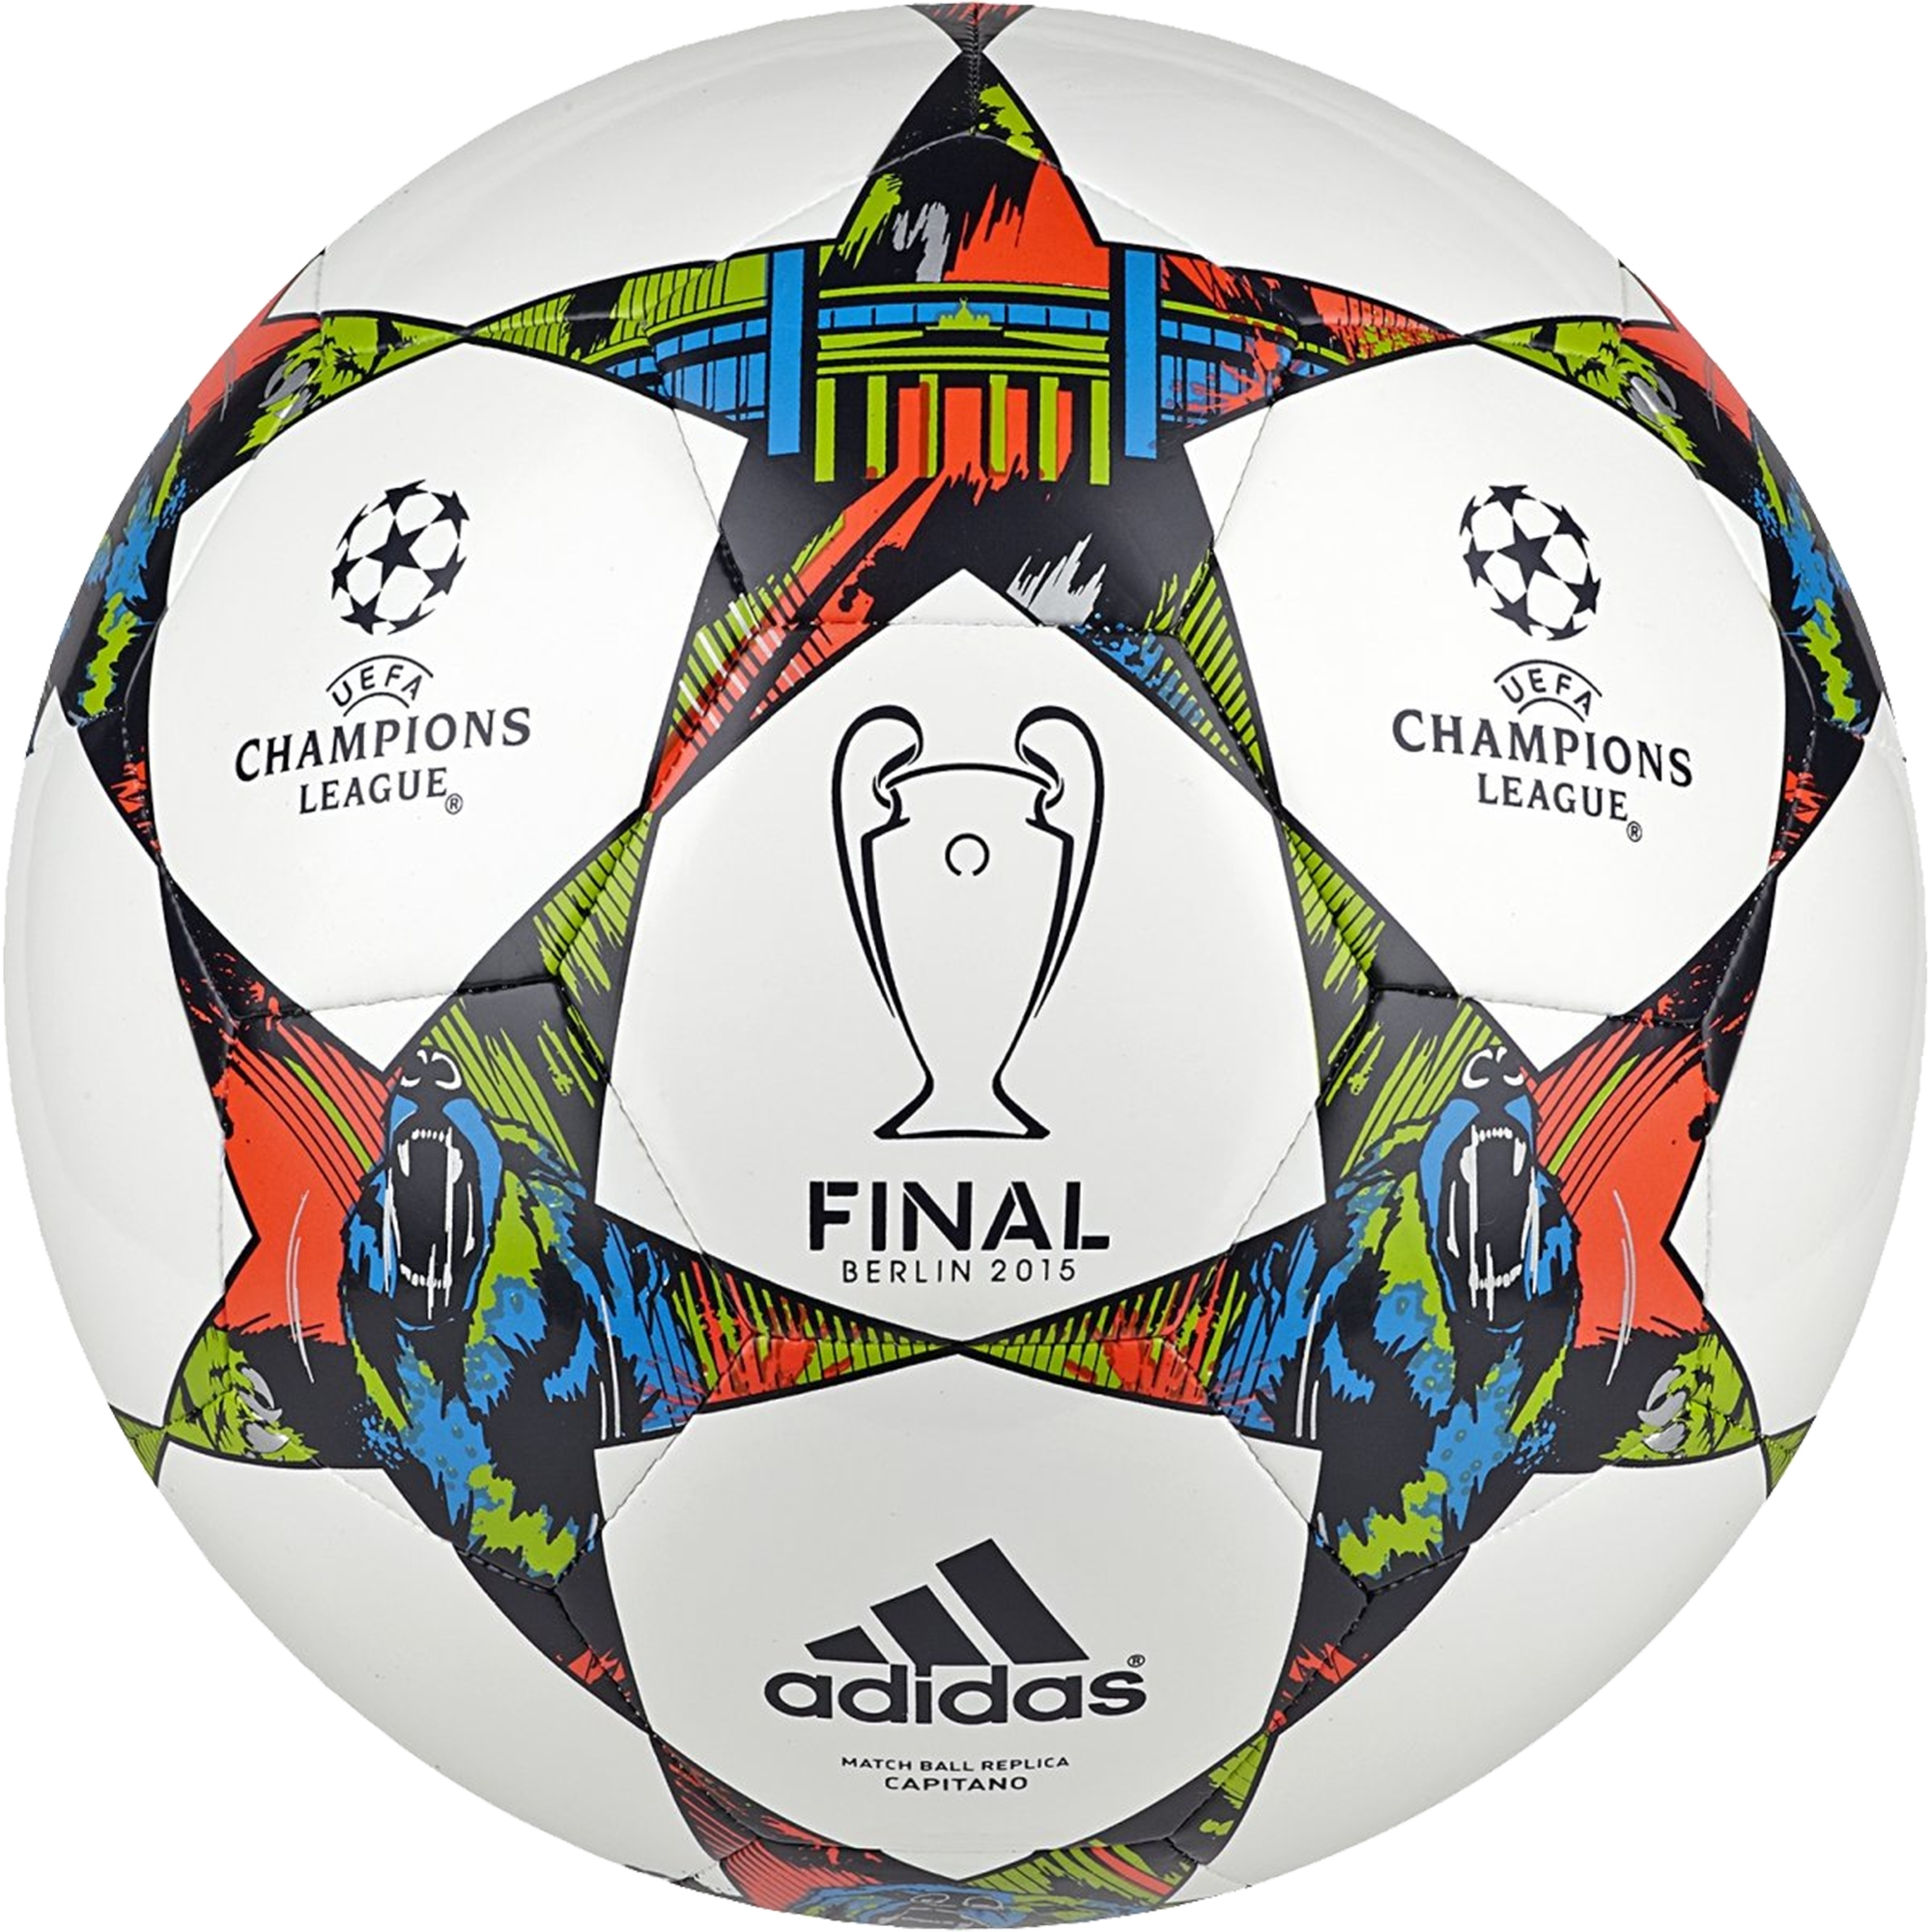 finale berlin champions league